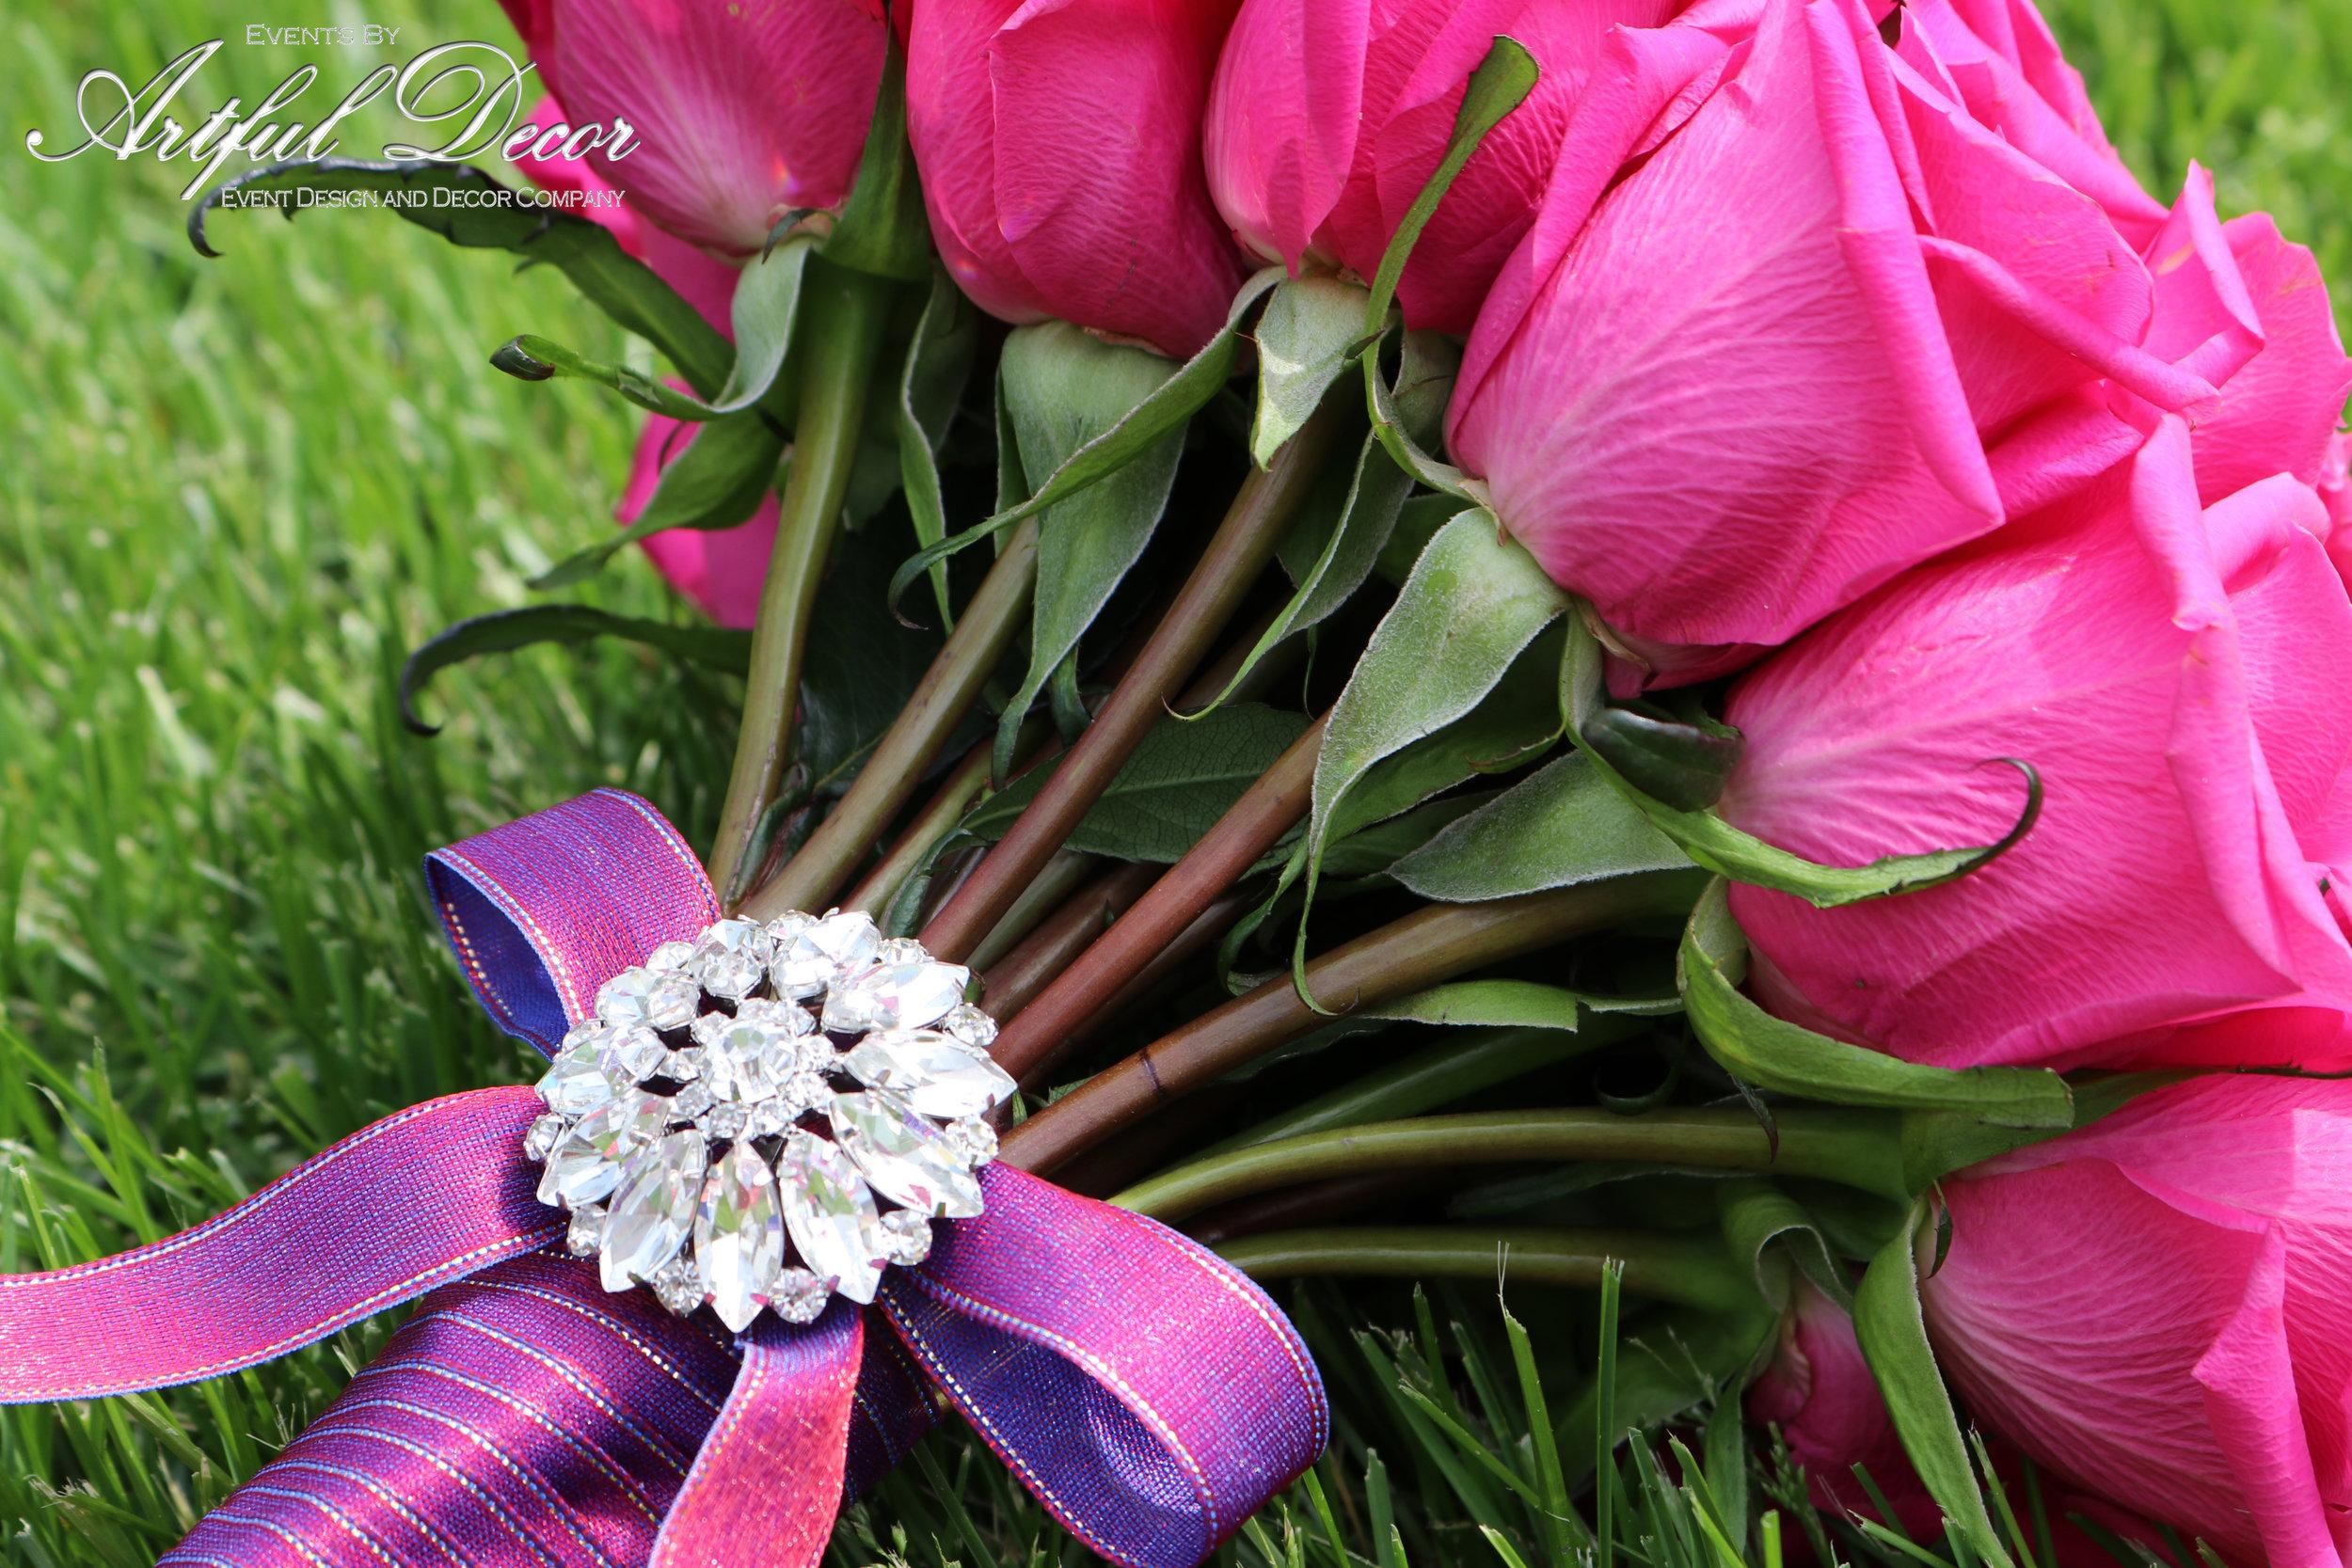 Bouquet 6 Copyright.jpg